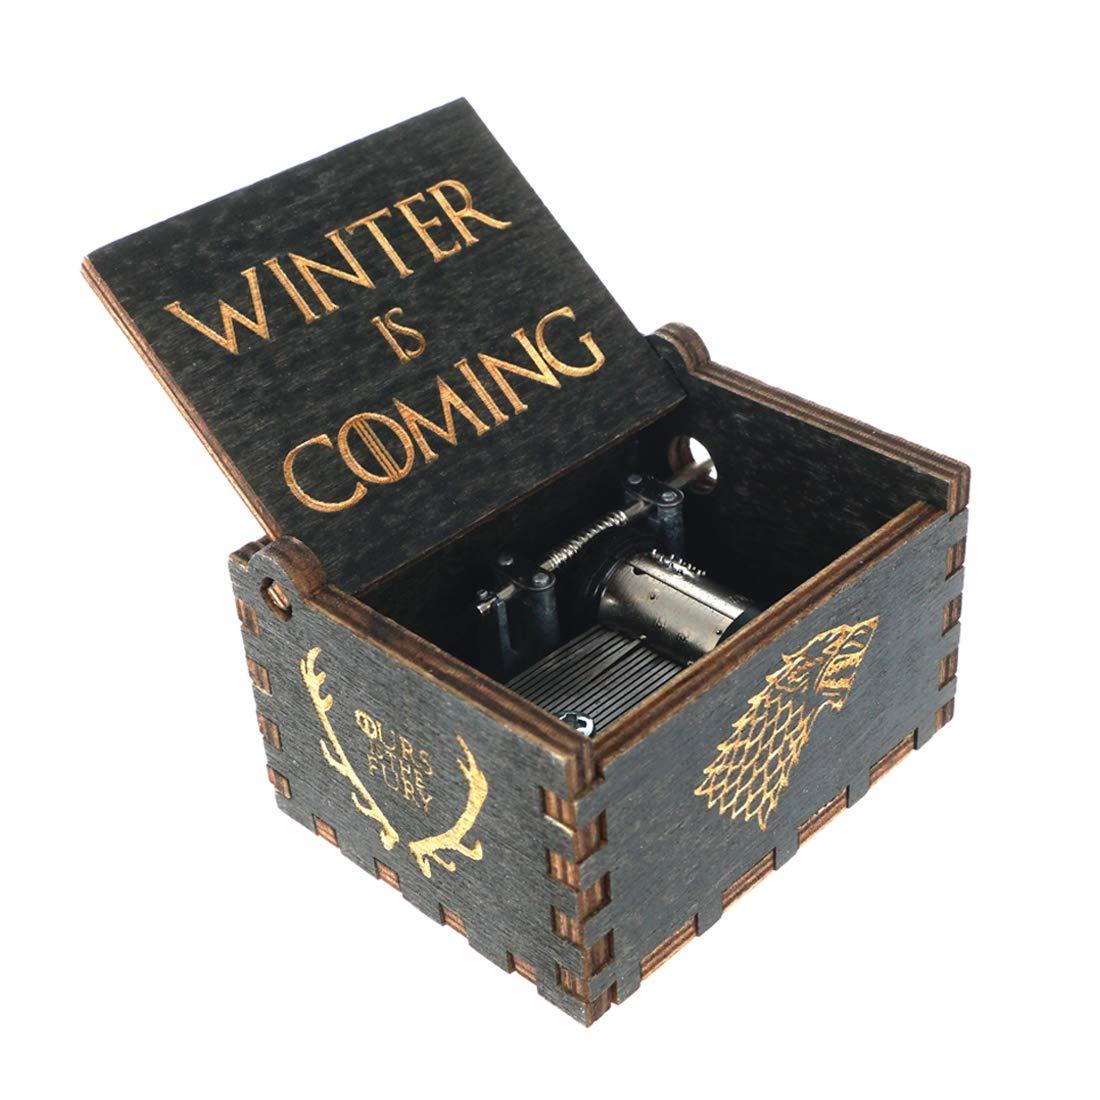 Cosplaystudio - Caja de música de madera con melodía de Juego de Tronos, regalo ideal para los verdaderos fans: Amazon.es: Hogar